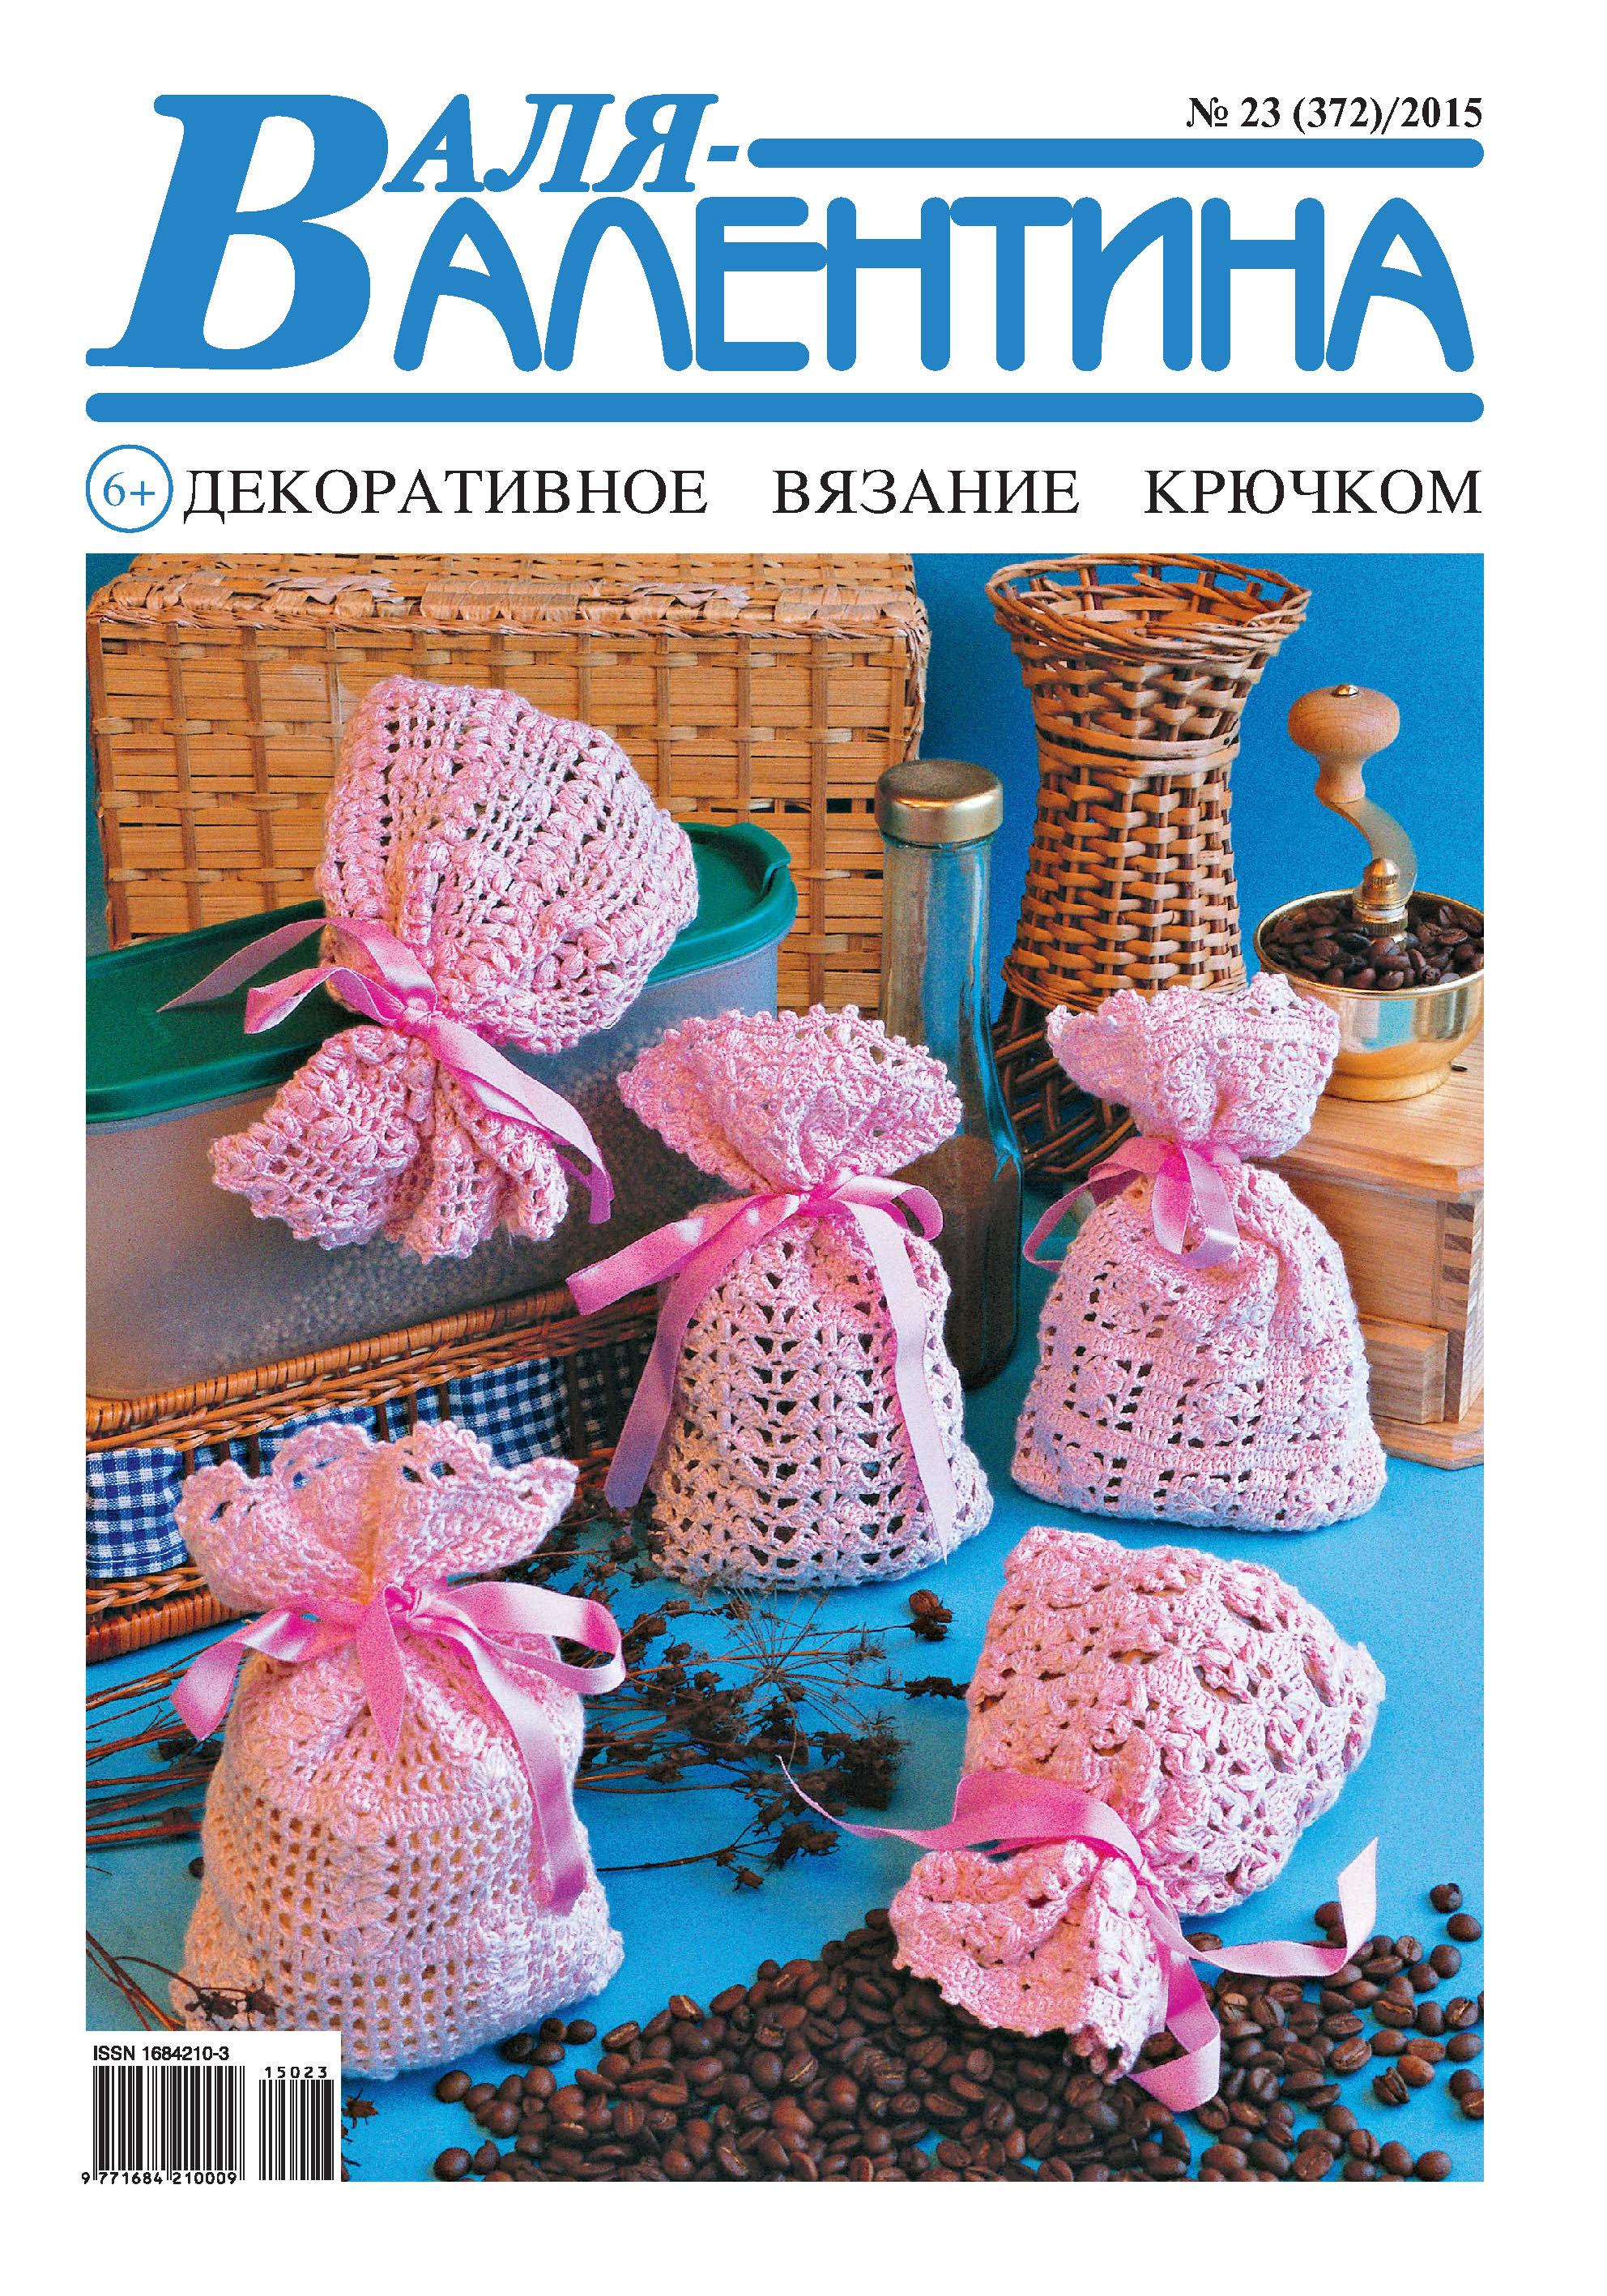 Валя-Валентина. Декоративное вязание крючком. №23/2015